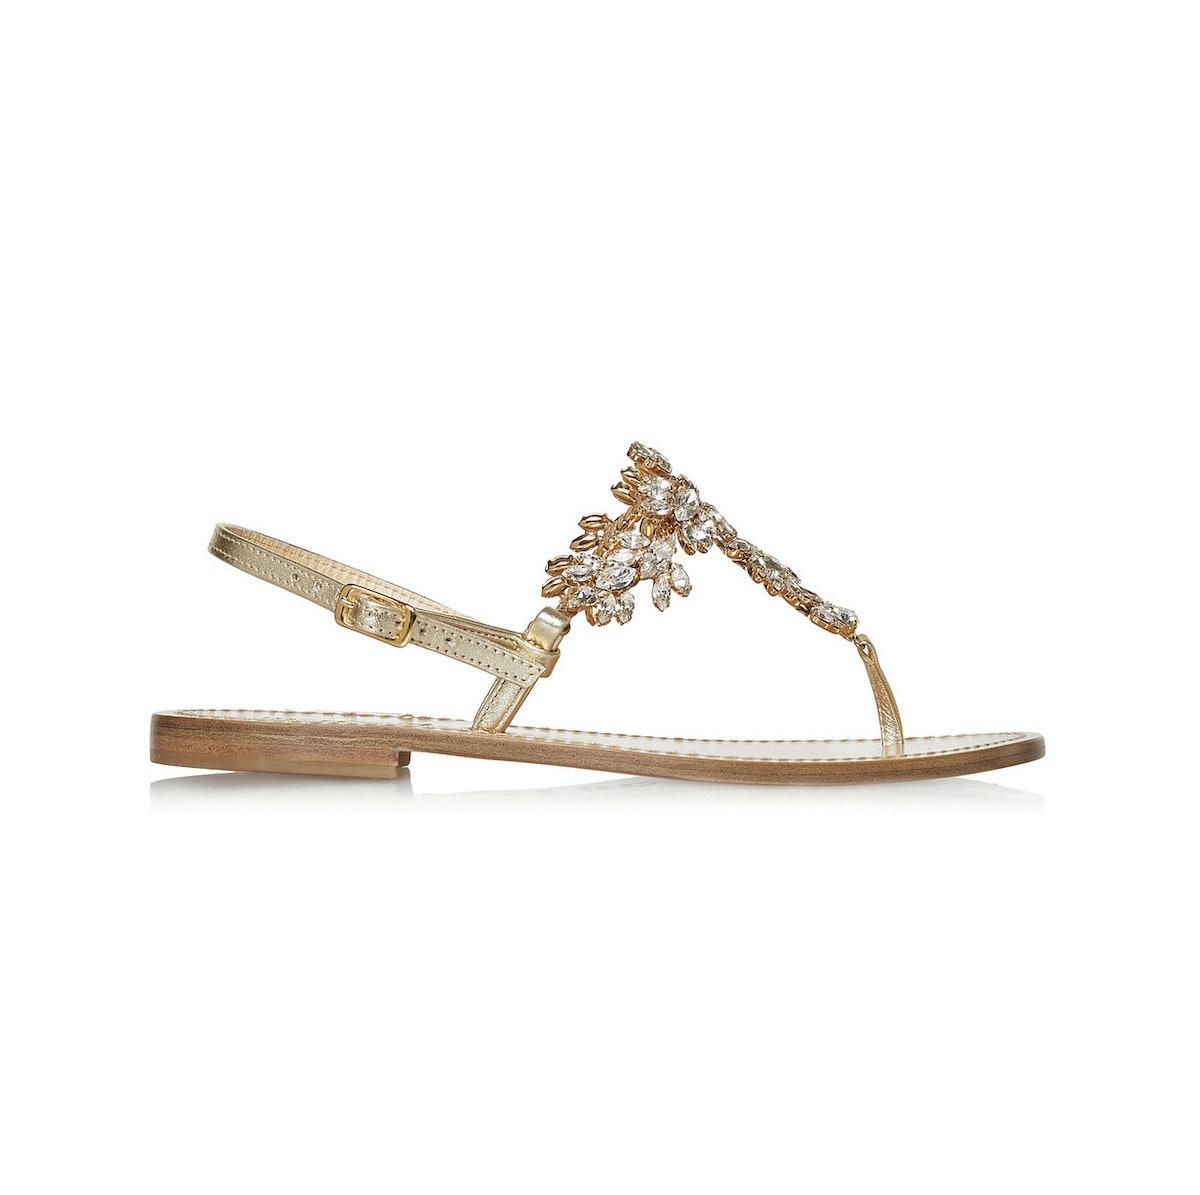 Musa sandals